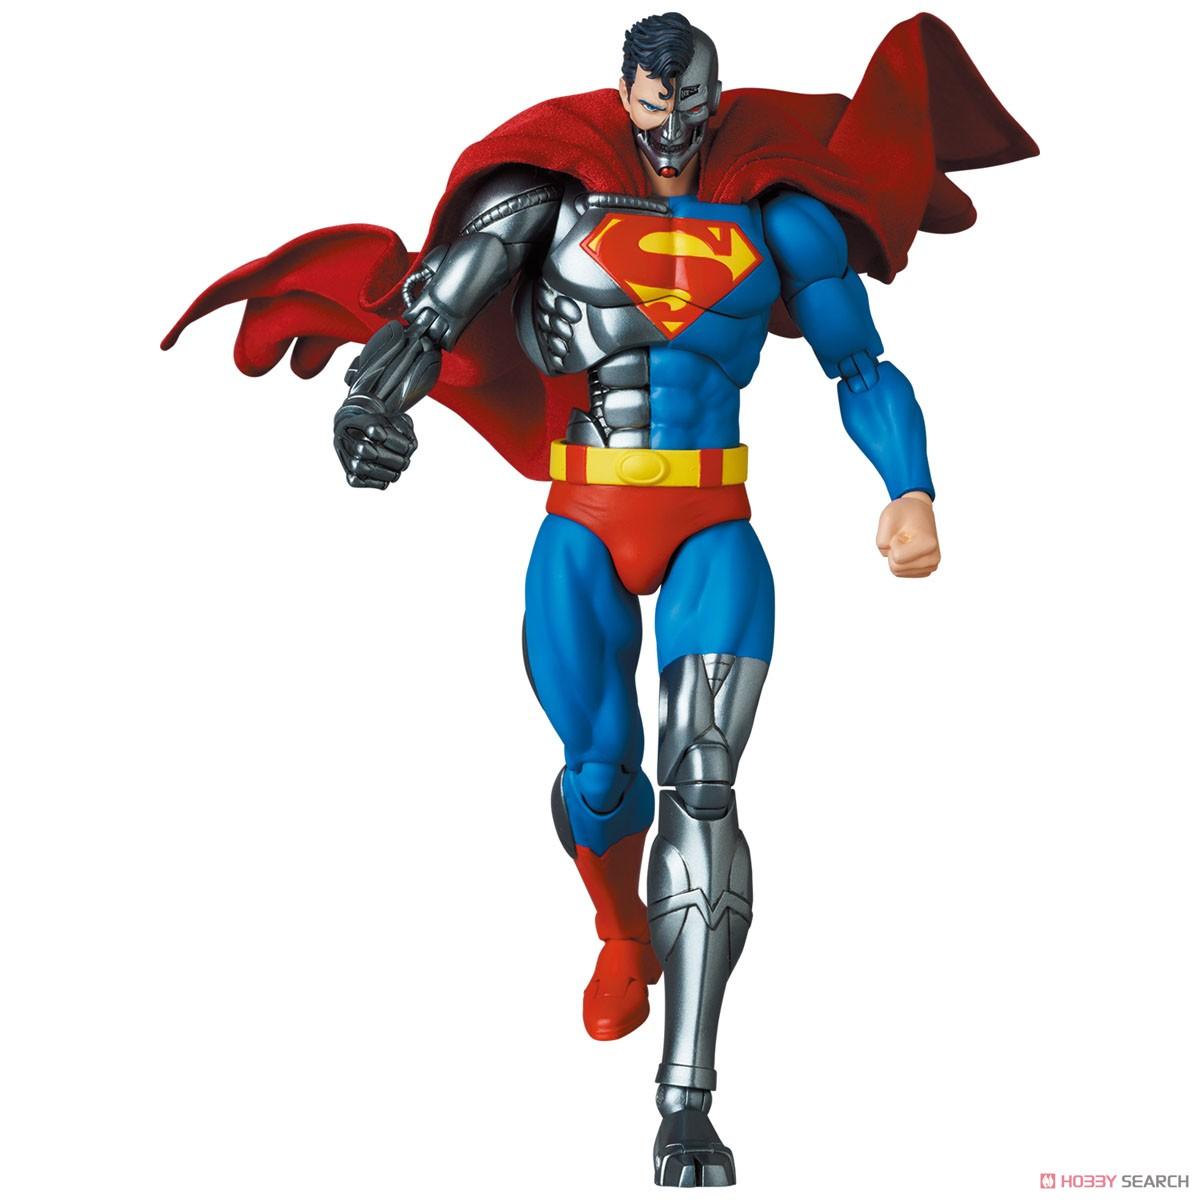 マフェックス No.164 MAFEX『サイボーグ スーパーマン/CYBORG SUPERMAN(RETURN OF SUPERMAN)』リターン・オブ・スーパーマン 可動フィギュア-010